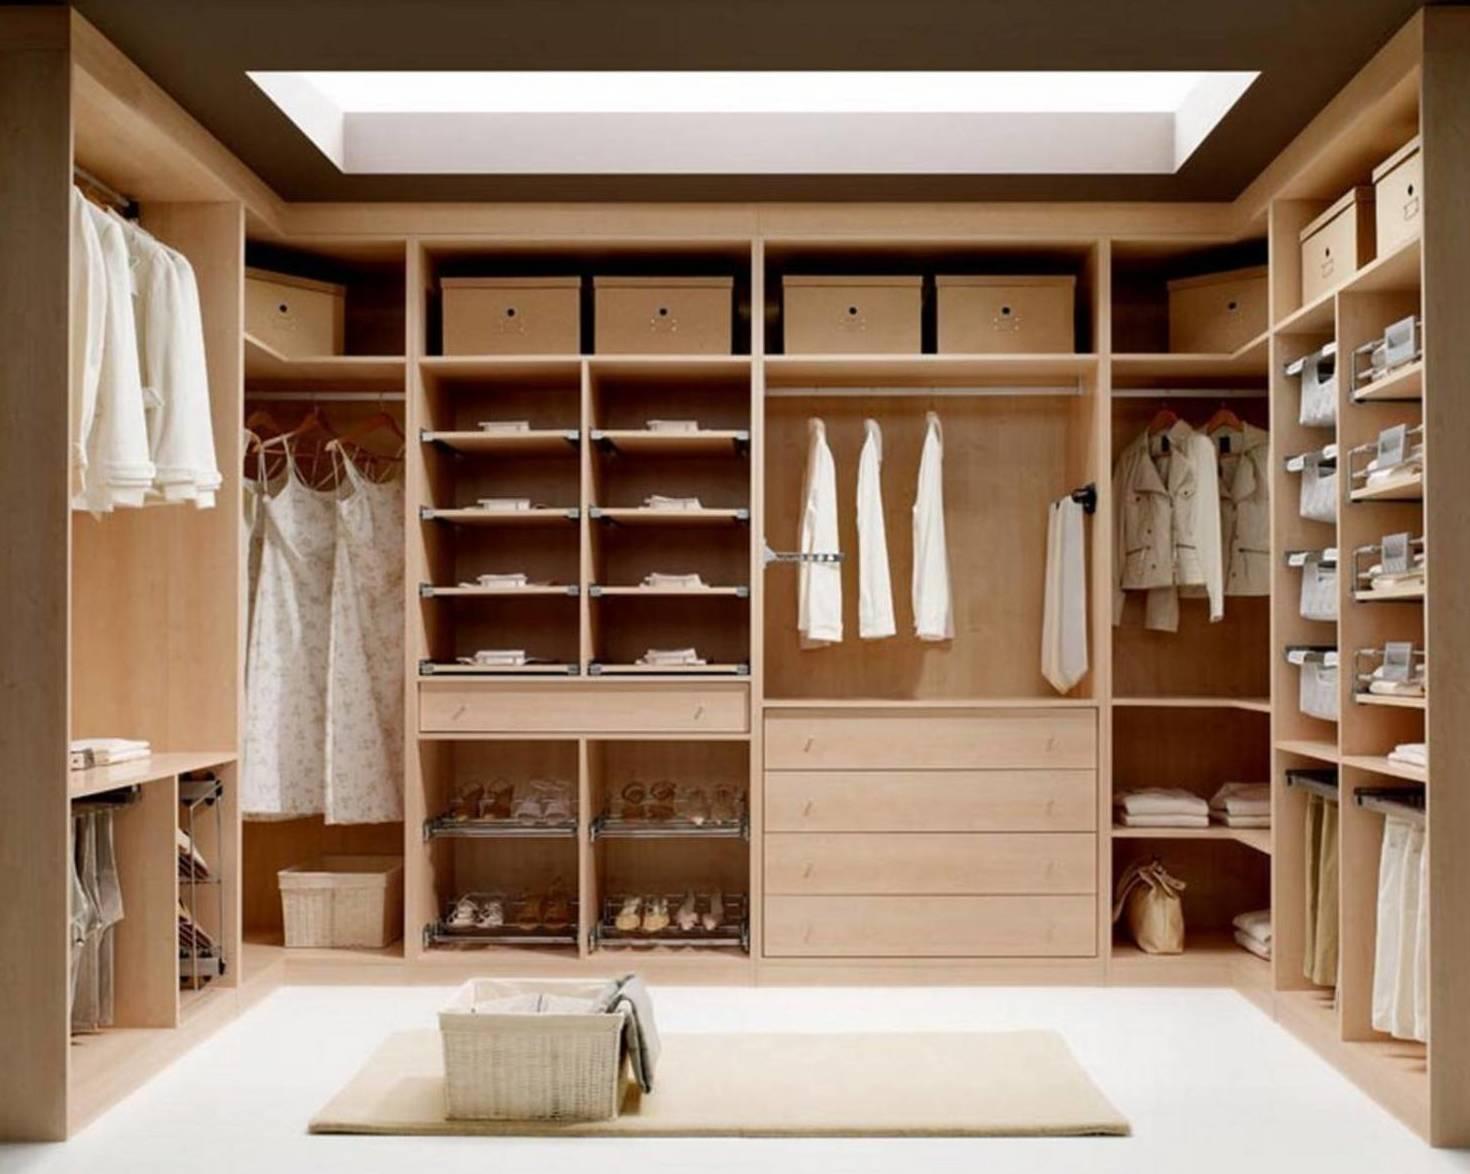 Foto 13 de Muebles de baño y cocina en Madrid | Atrezzo Cocina y Baño